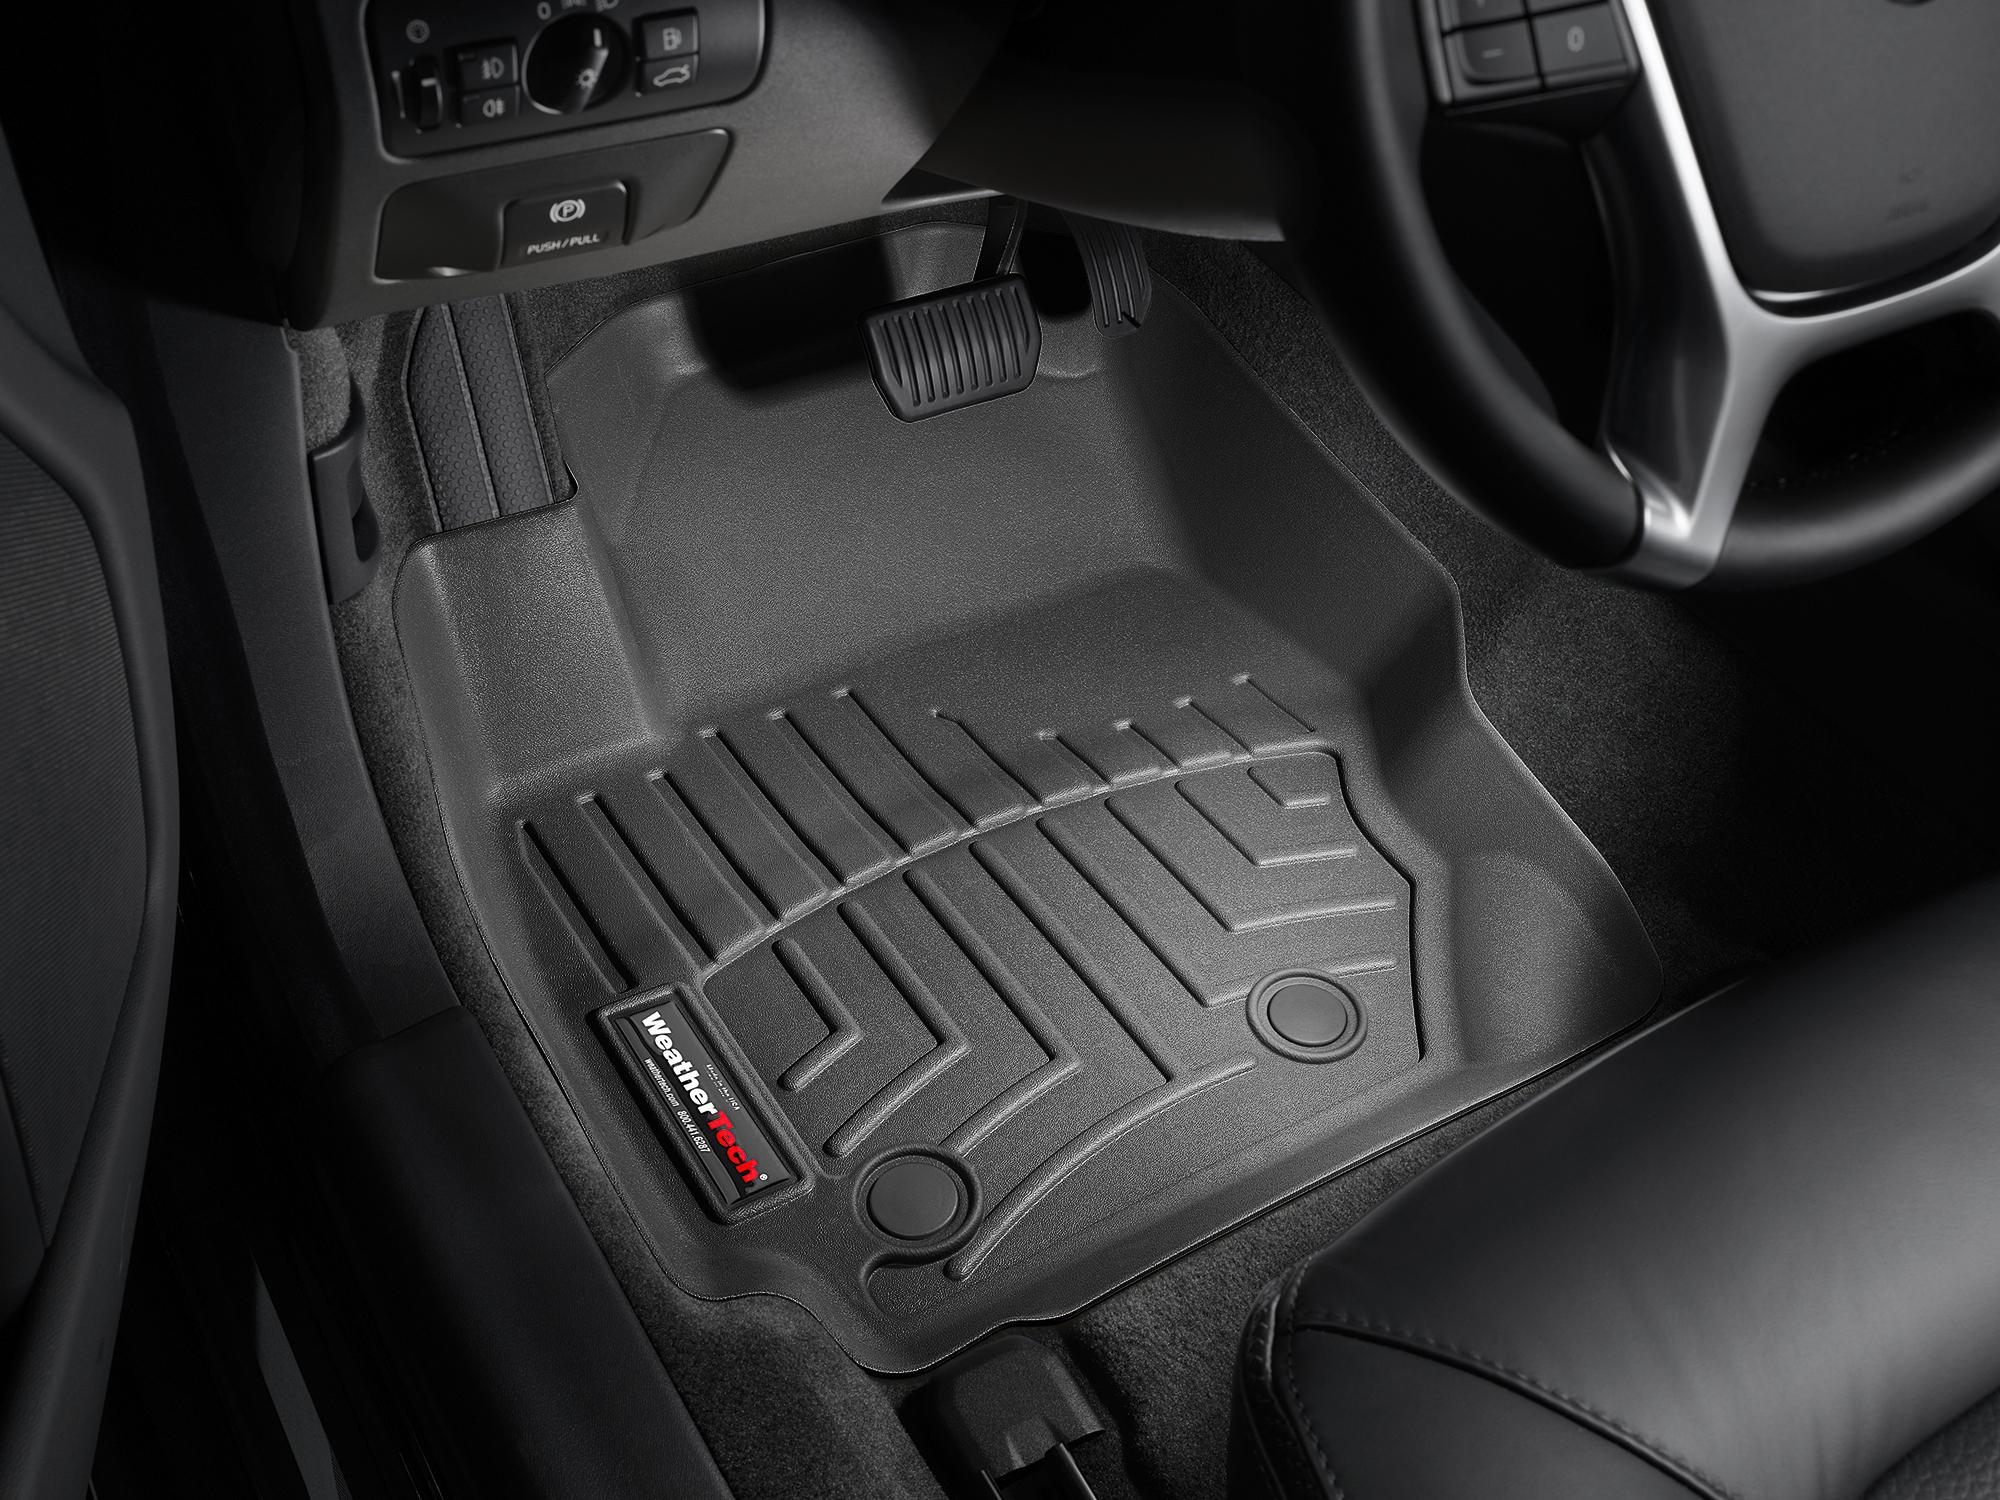 Tappeti gomma su misura bordo alto Volvo V70 08>17 Nero A4417*